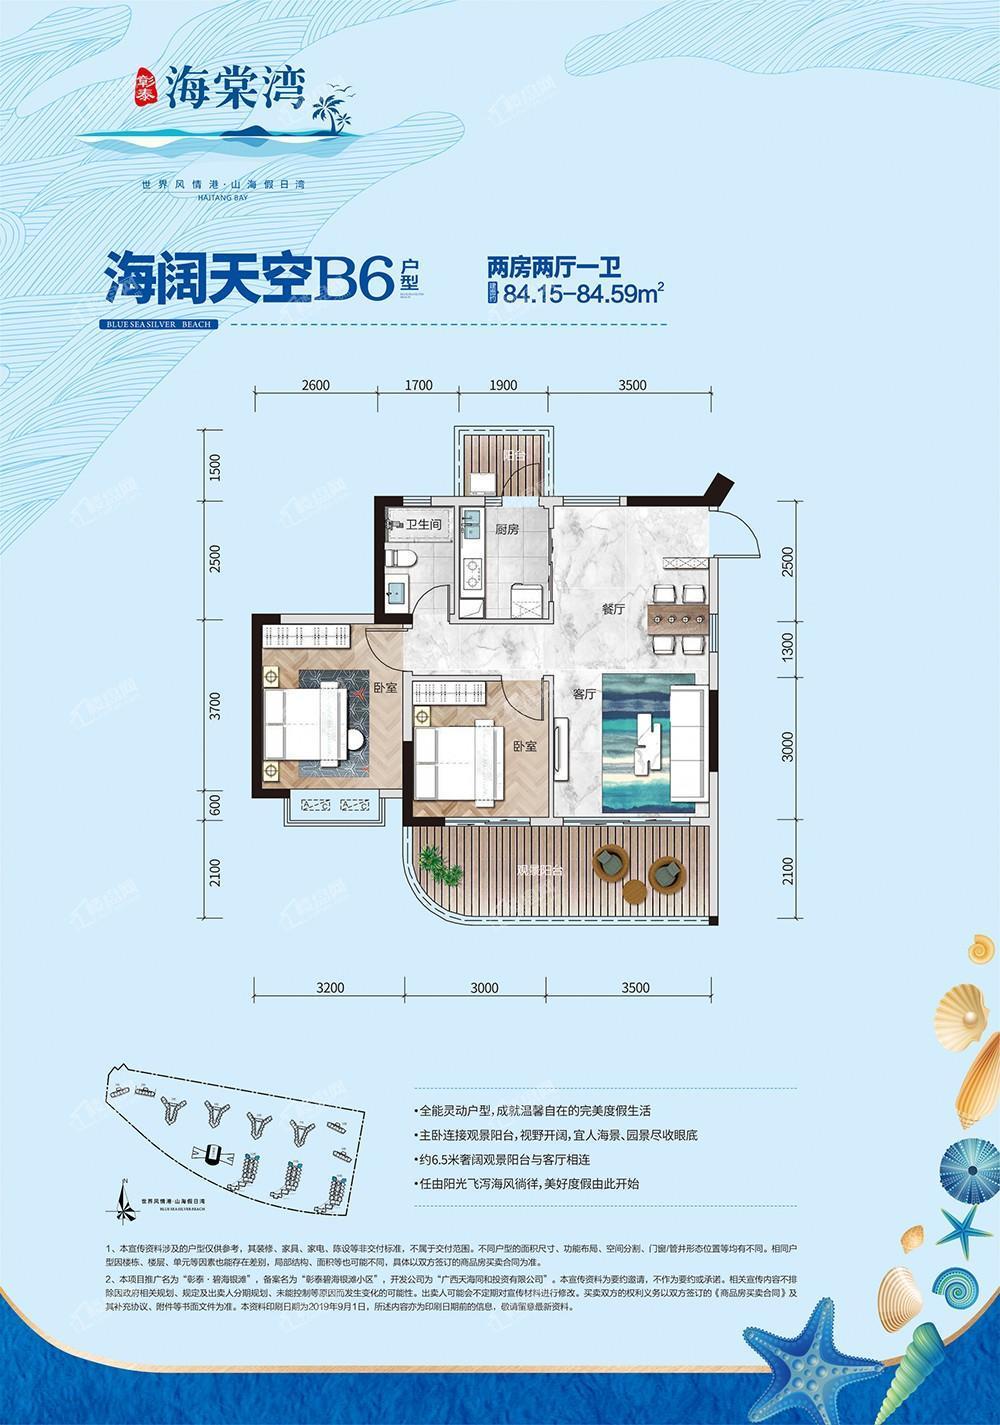 海棠湾B6户型 84.15㎡-84.59㎡两房两厅